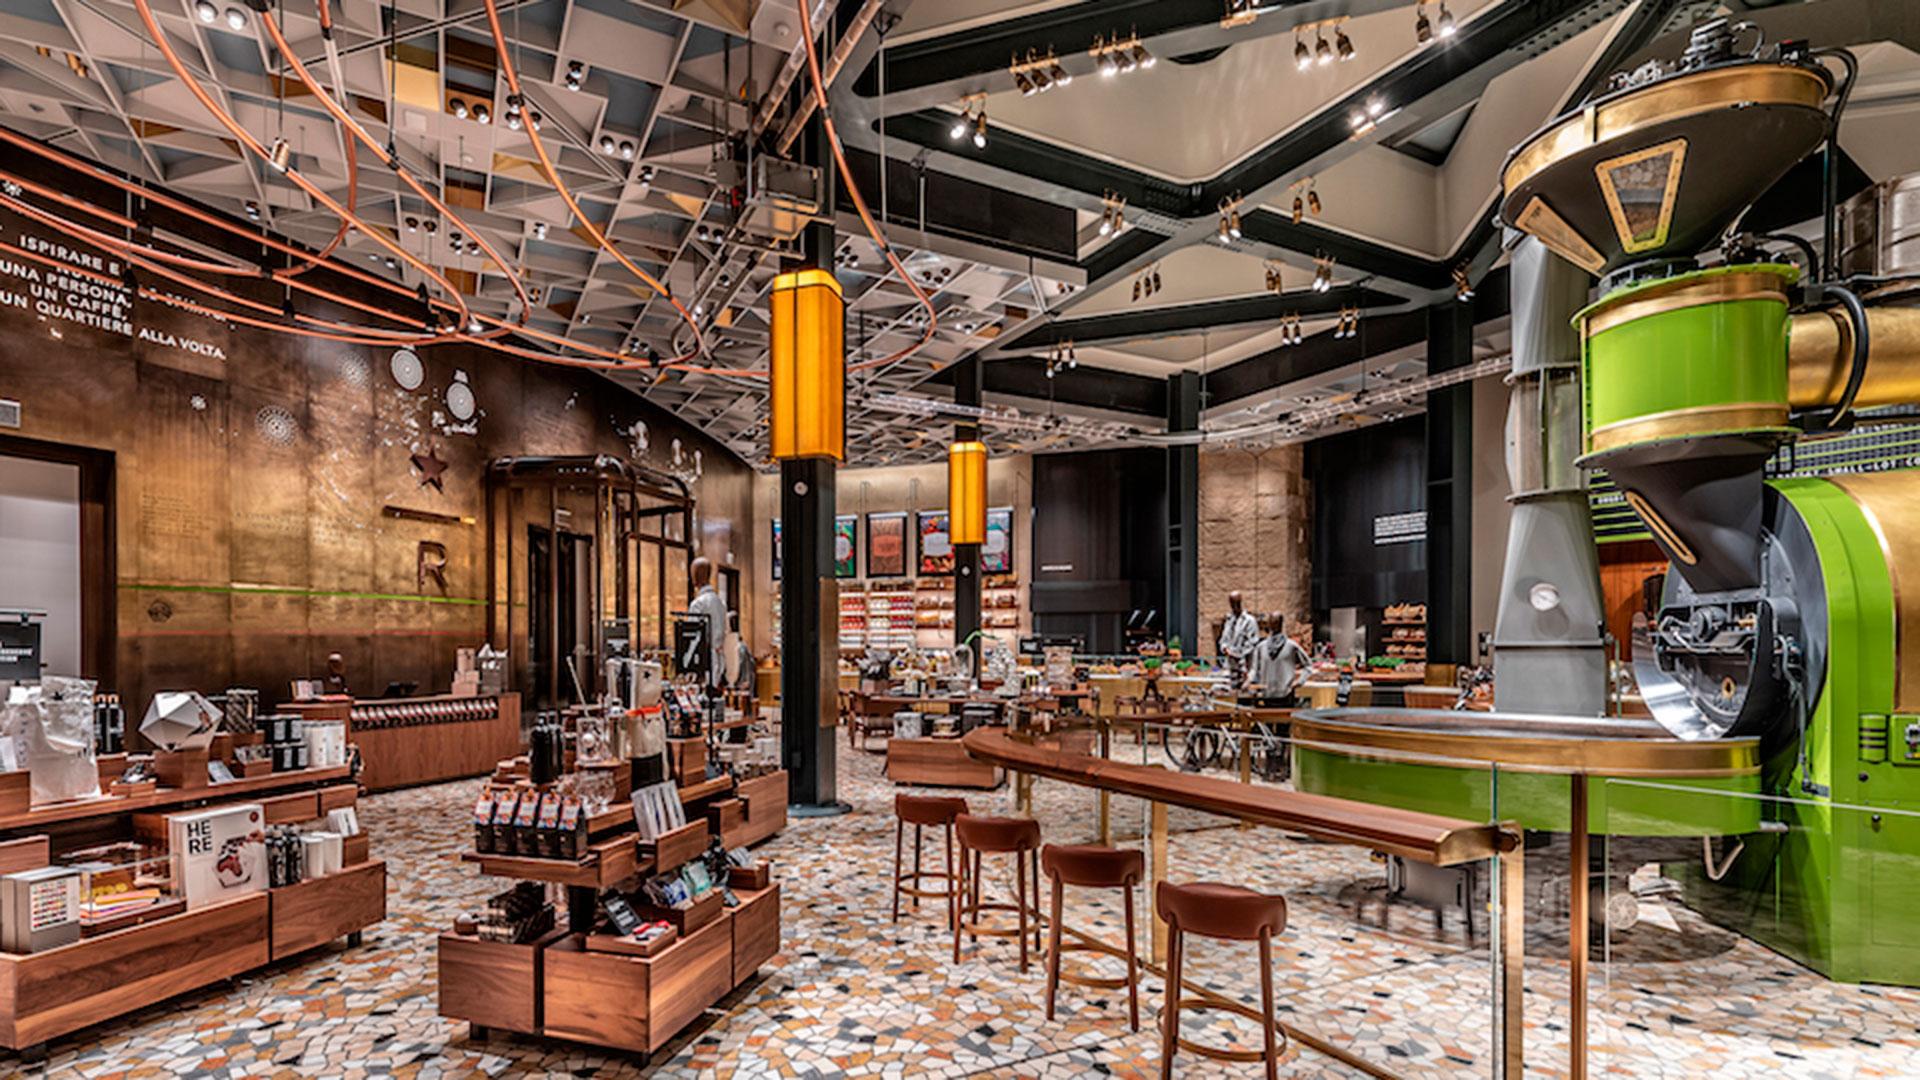 Imagen del nuevo Starbucks Reserve Roastery en Milán